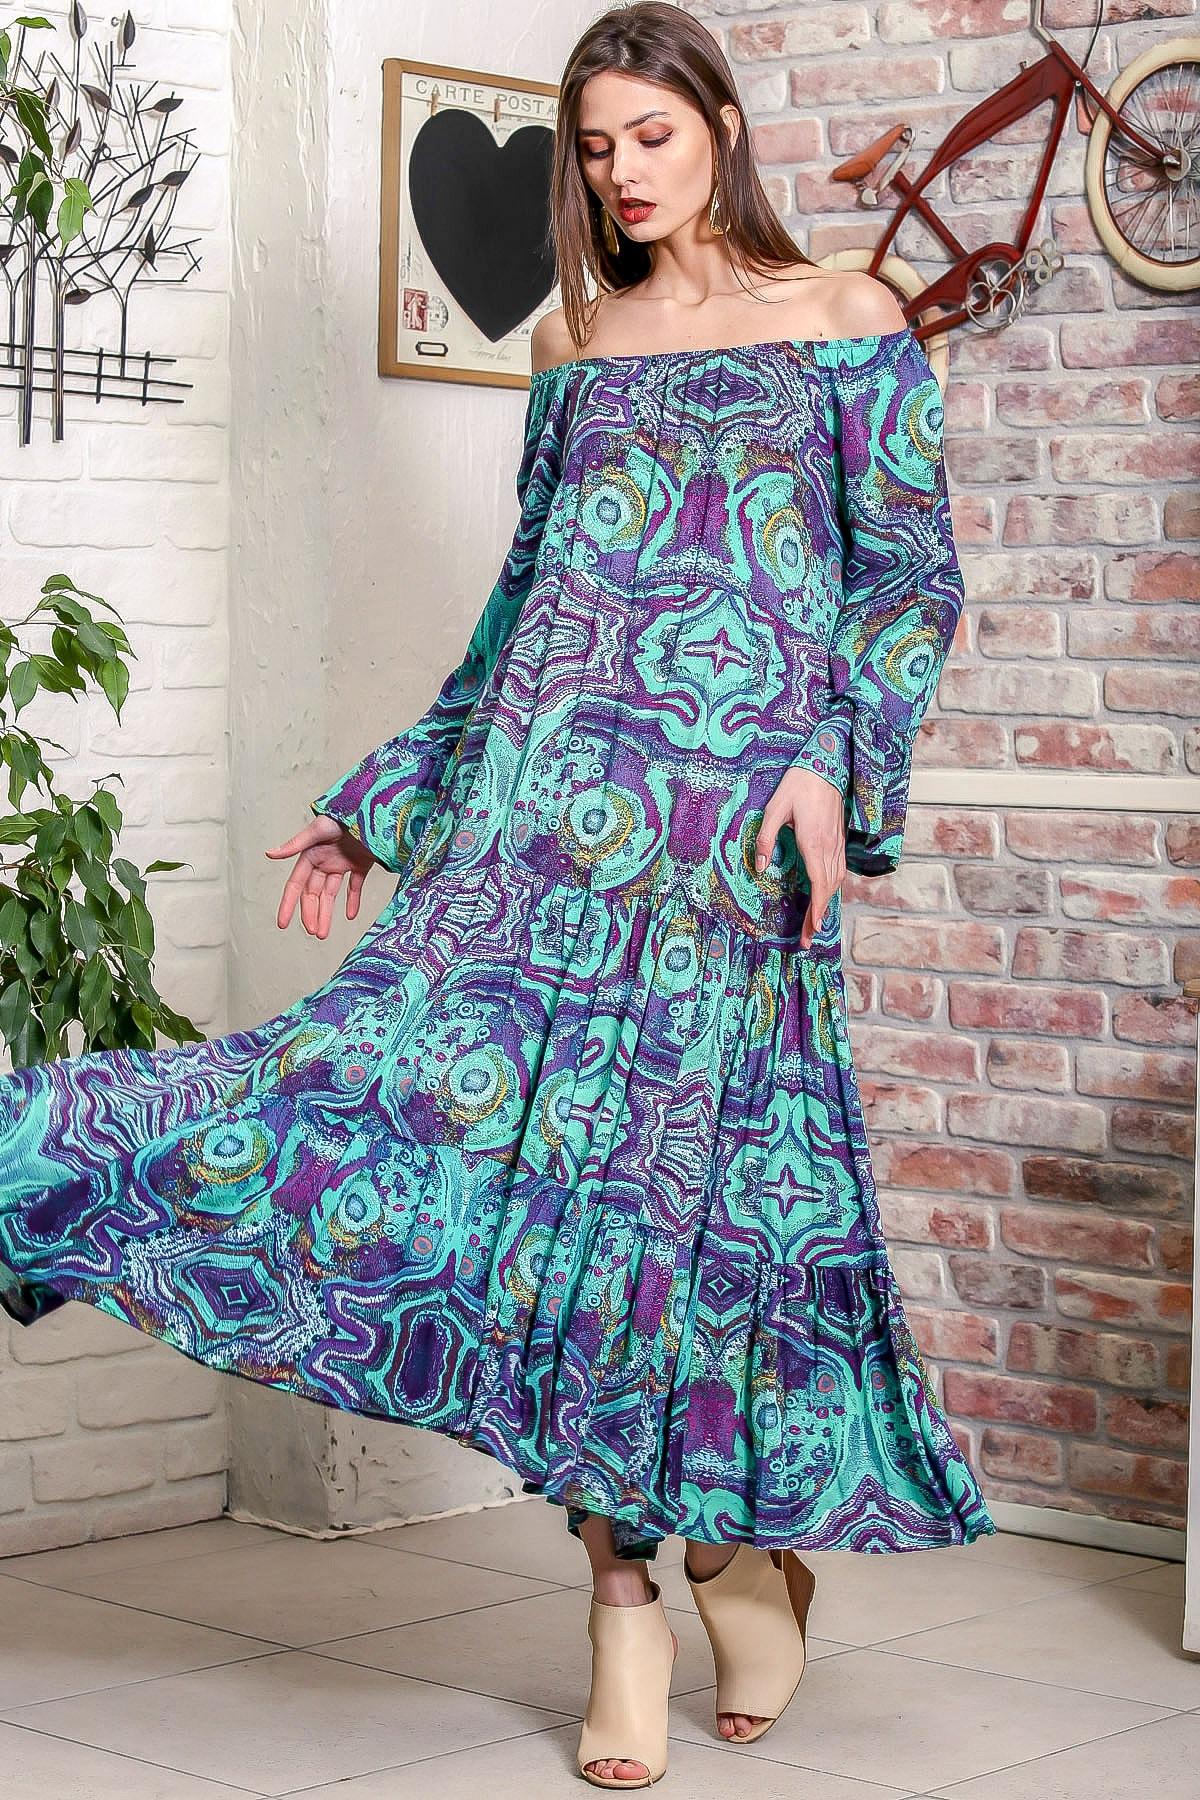 Chiccy Kadın Yeşil Carmen Yaka Sulu Boya Desenli Kol Ucu Volanlı Salaş Dokuma Elbise M10160000EL95906 0